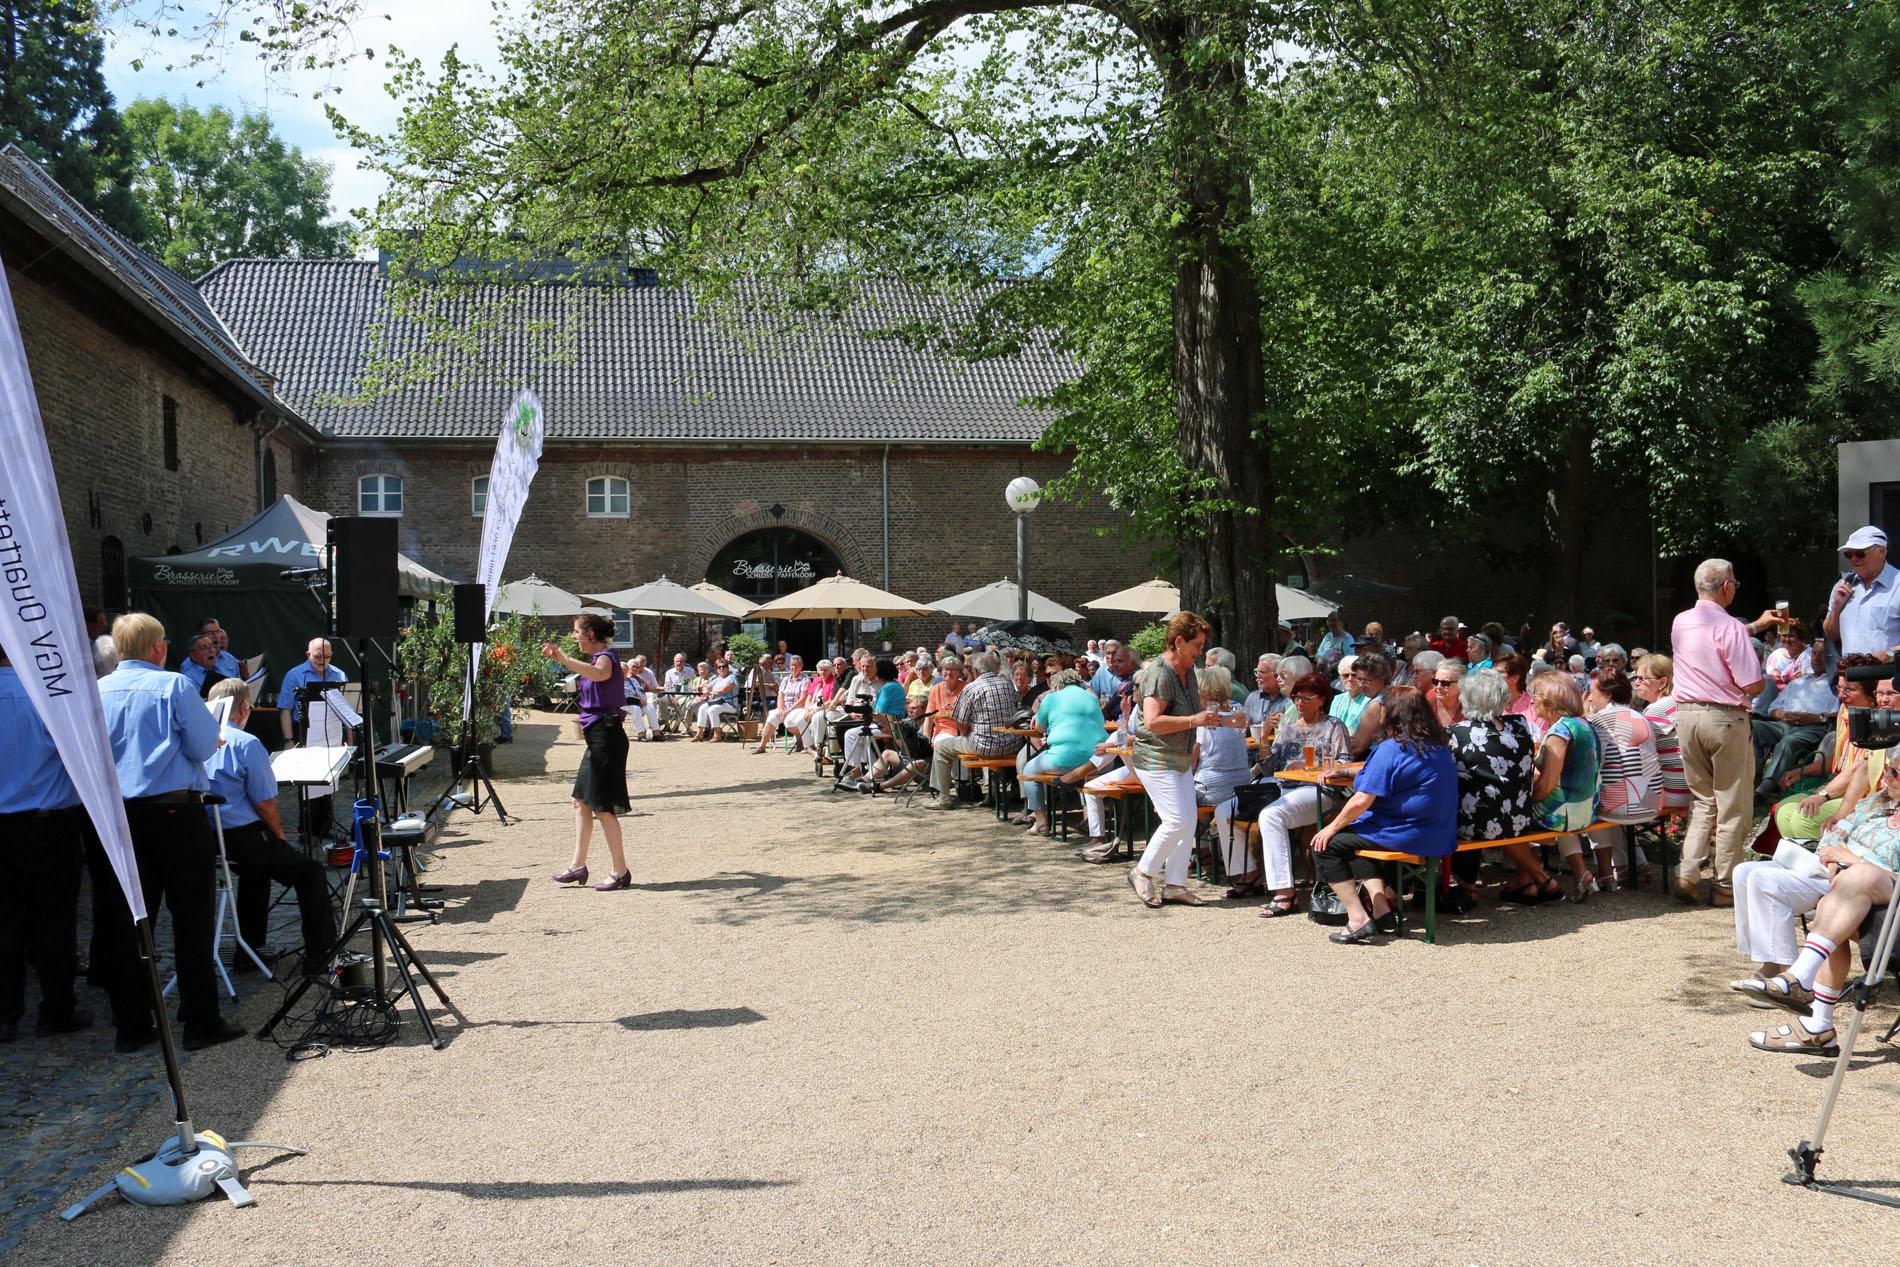 Auch in diesem Jahr waren unter den vielen Besuchern die Schattenplätze ganz besonders heiß begehrt.